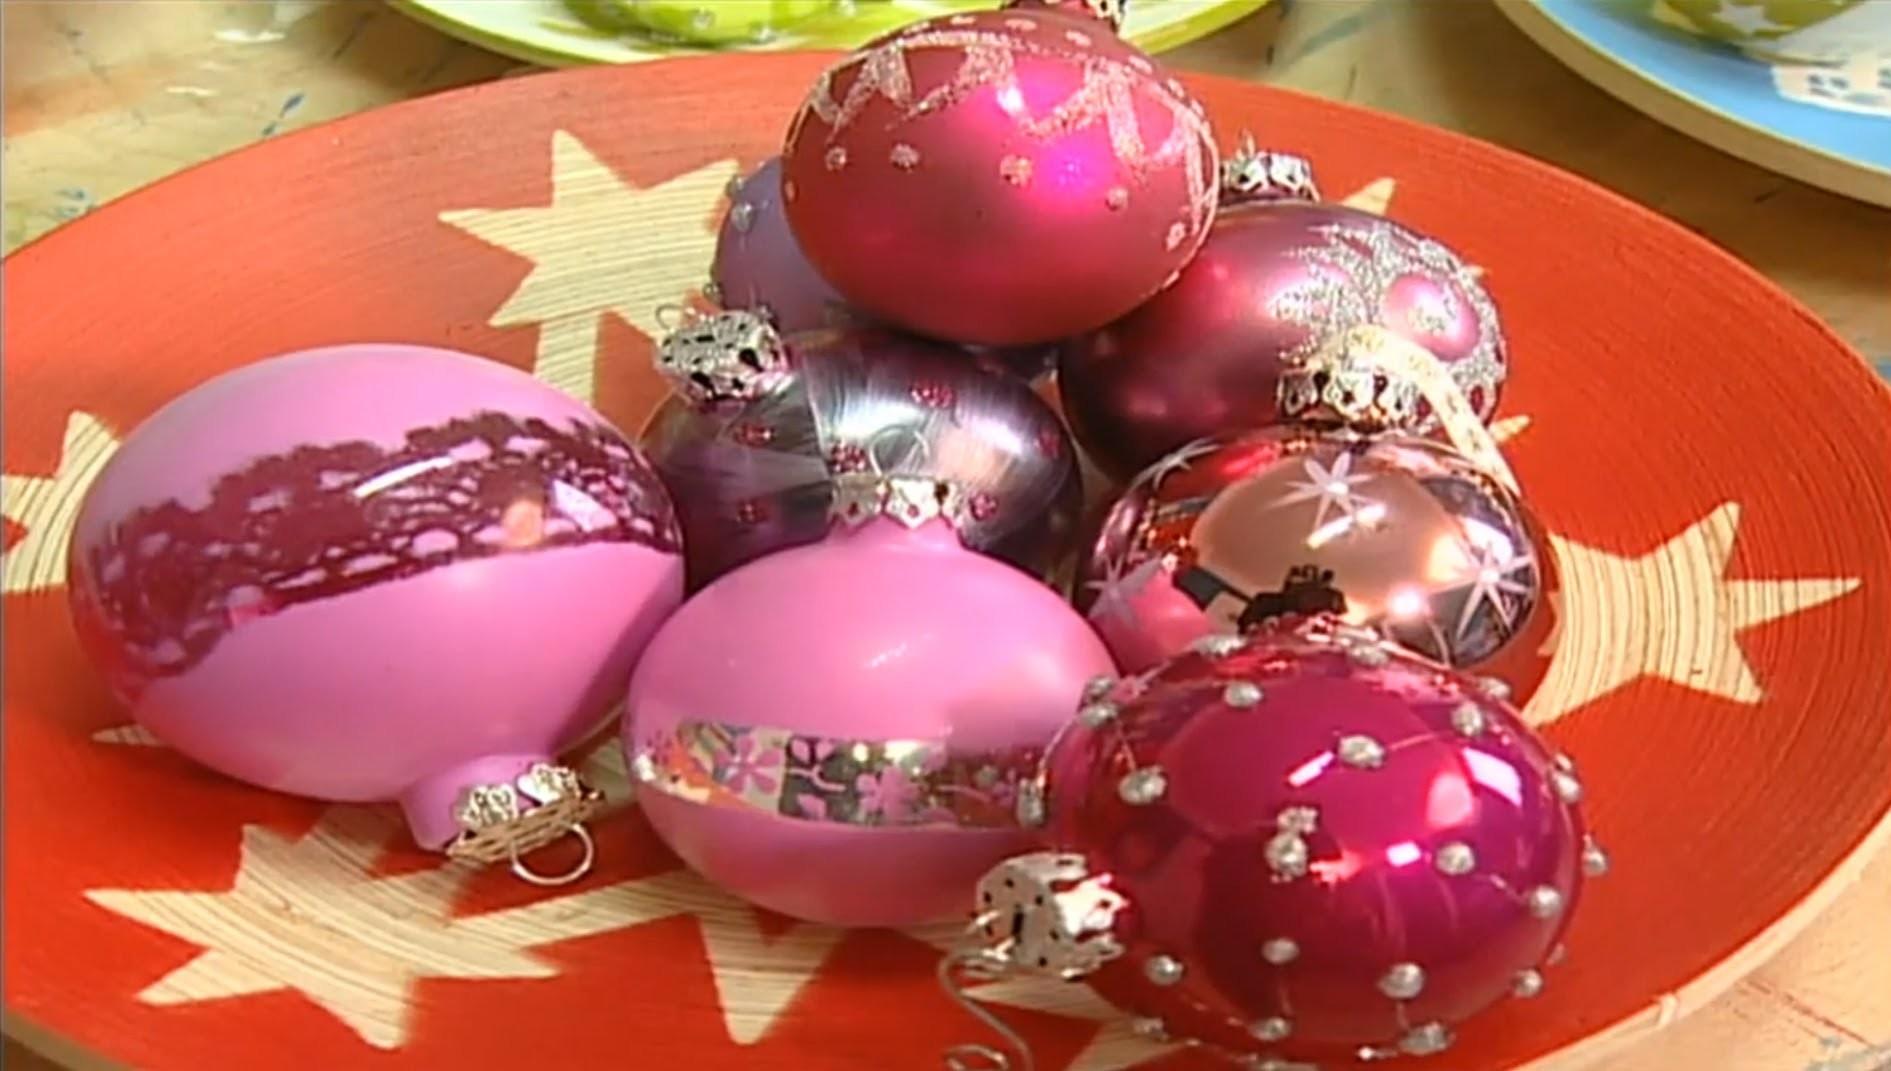 Dekotipp für Weihnachten: Baumschmuck selbst gestalten und basteln